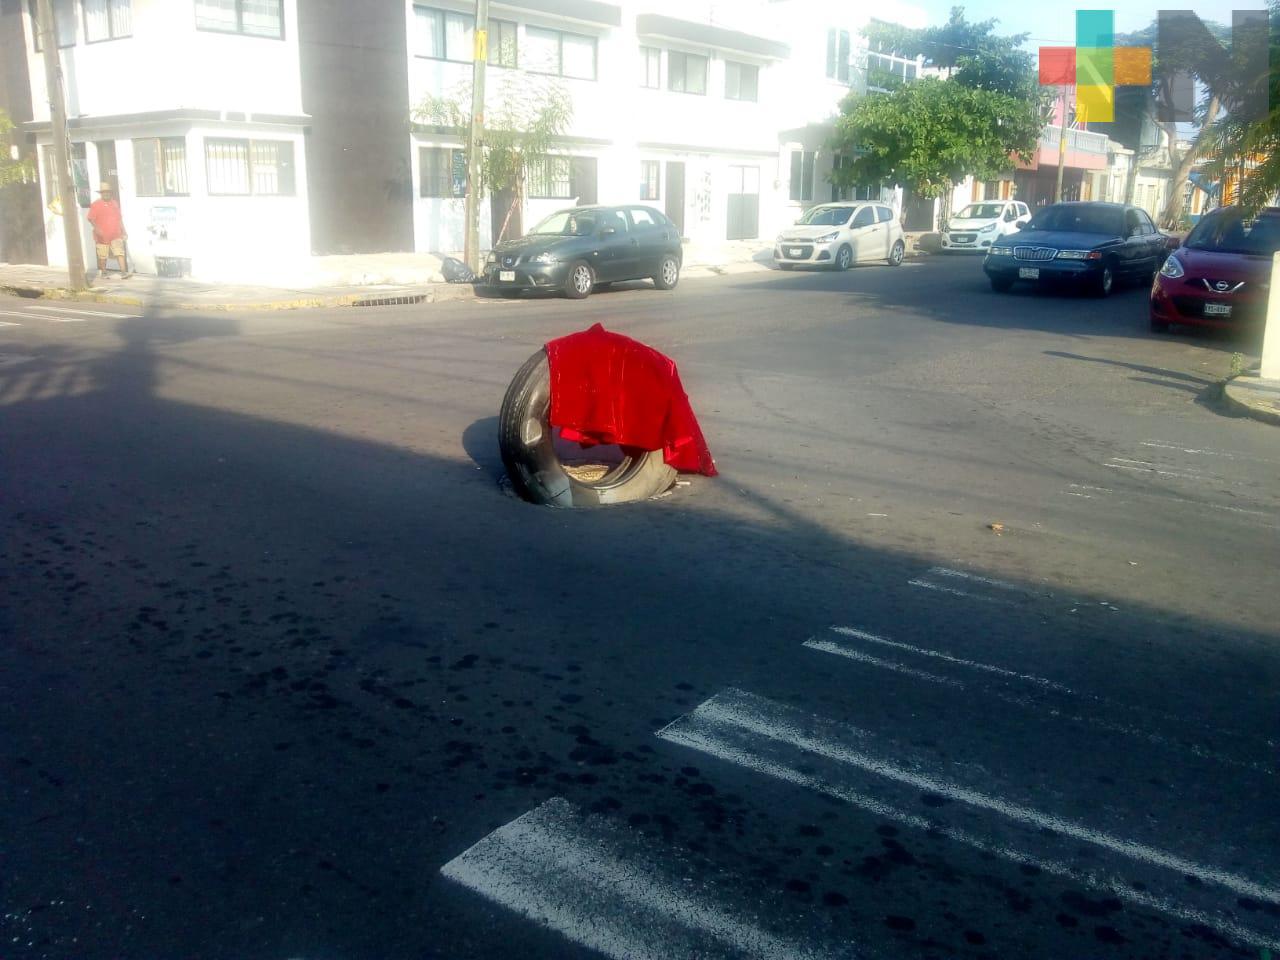 Ponen llanta en alcantarilla sin tapa, en el centro de Veracruz